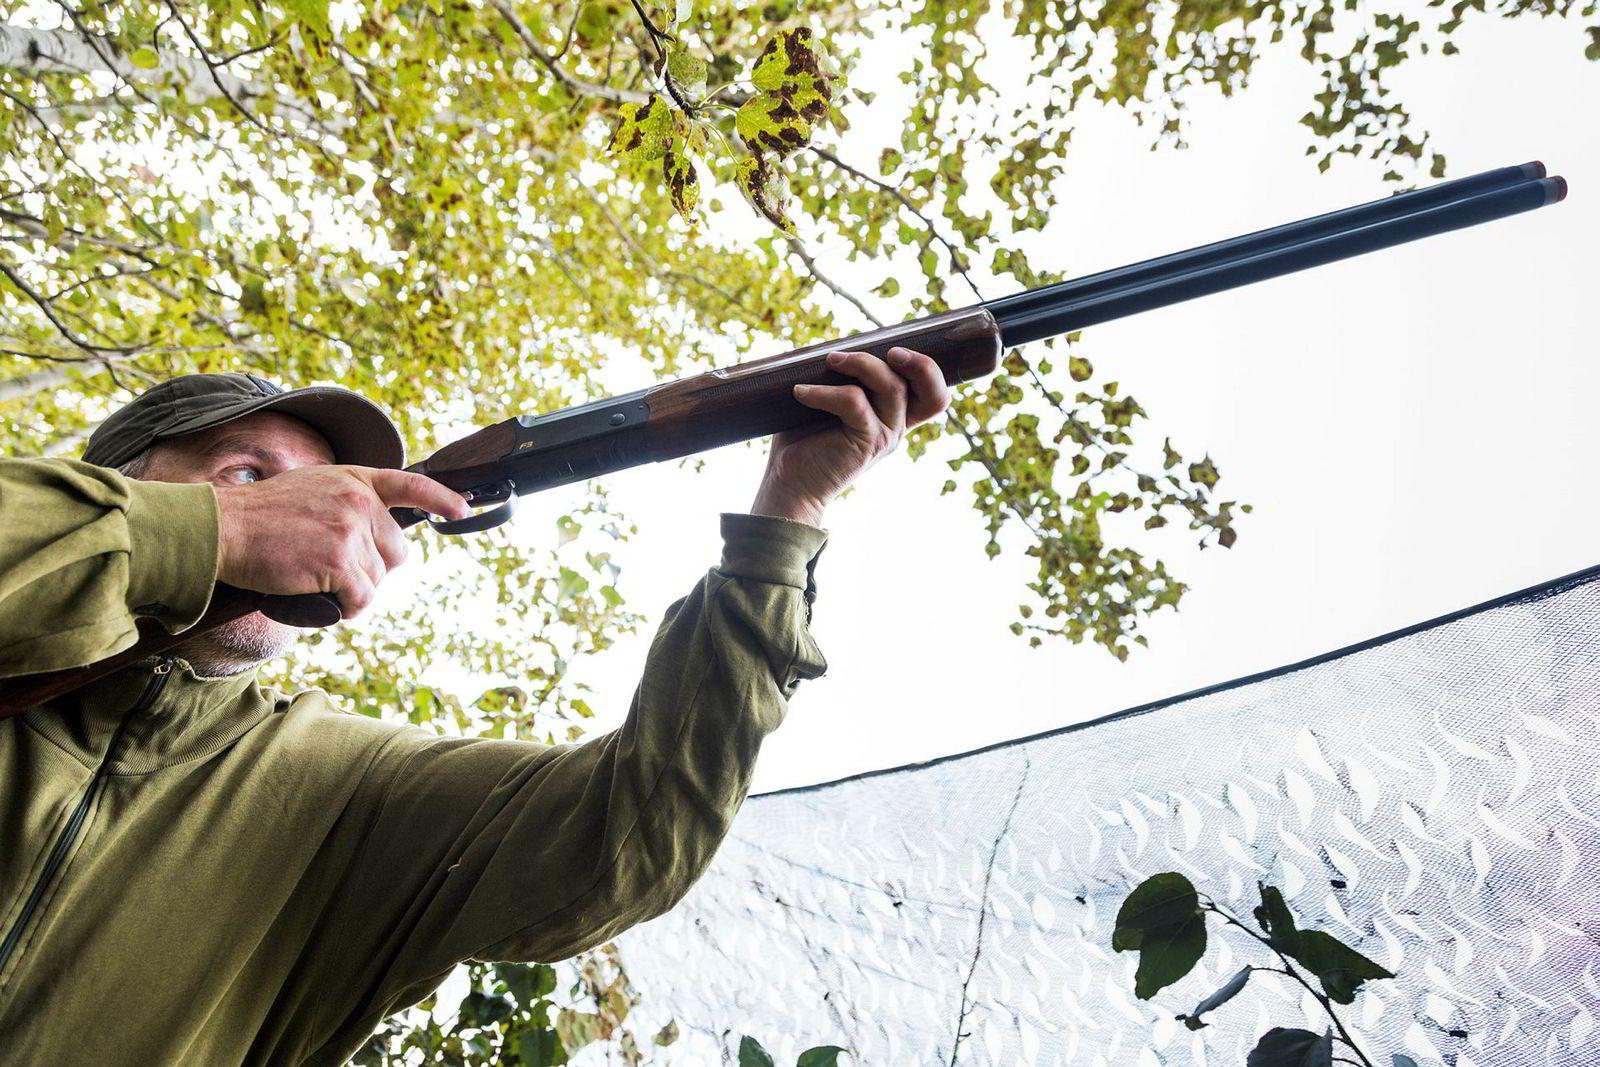 Elling Tryterud feller årets første due med et velrettet skudd på cirka 20 meters avstand, en perfekt skuddmulighet.